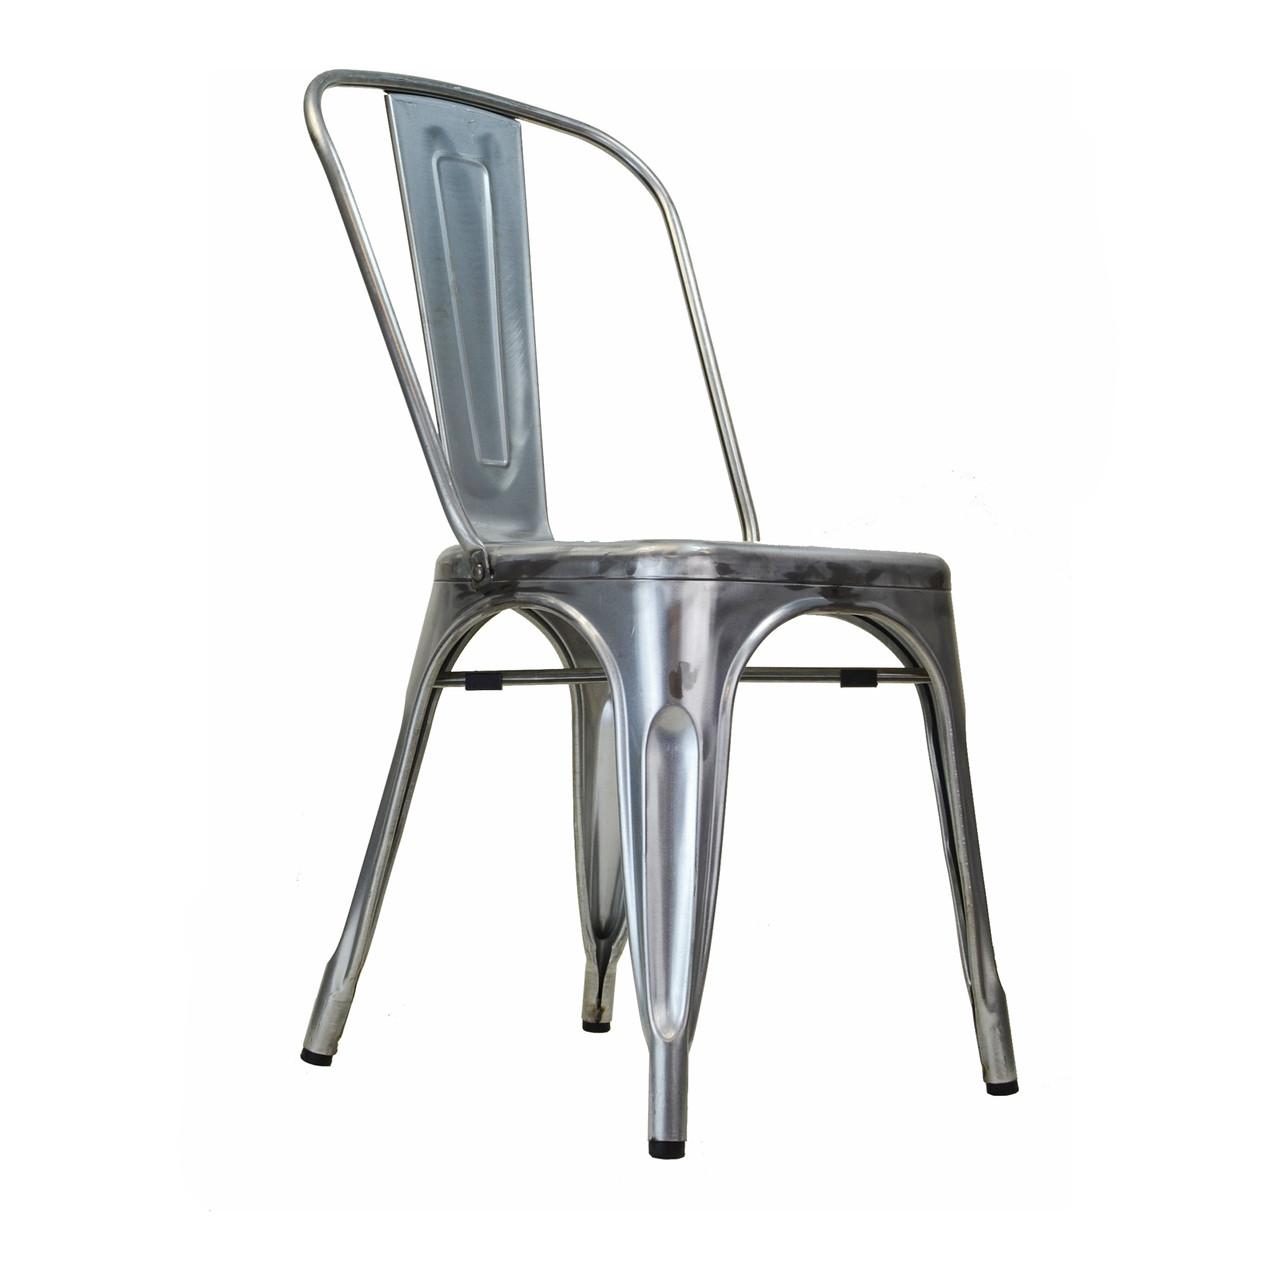 Charming Bastille Side Chair In Gun Metal Galvanized Steel